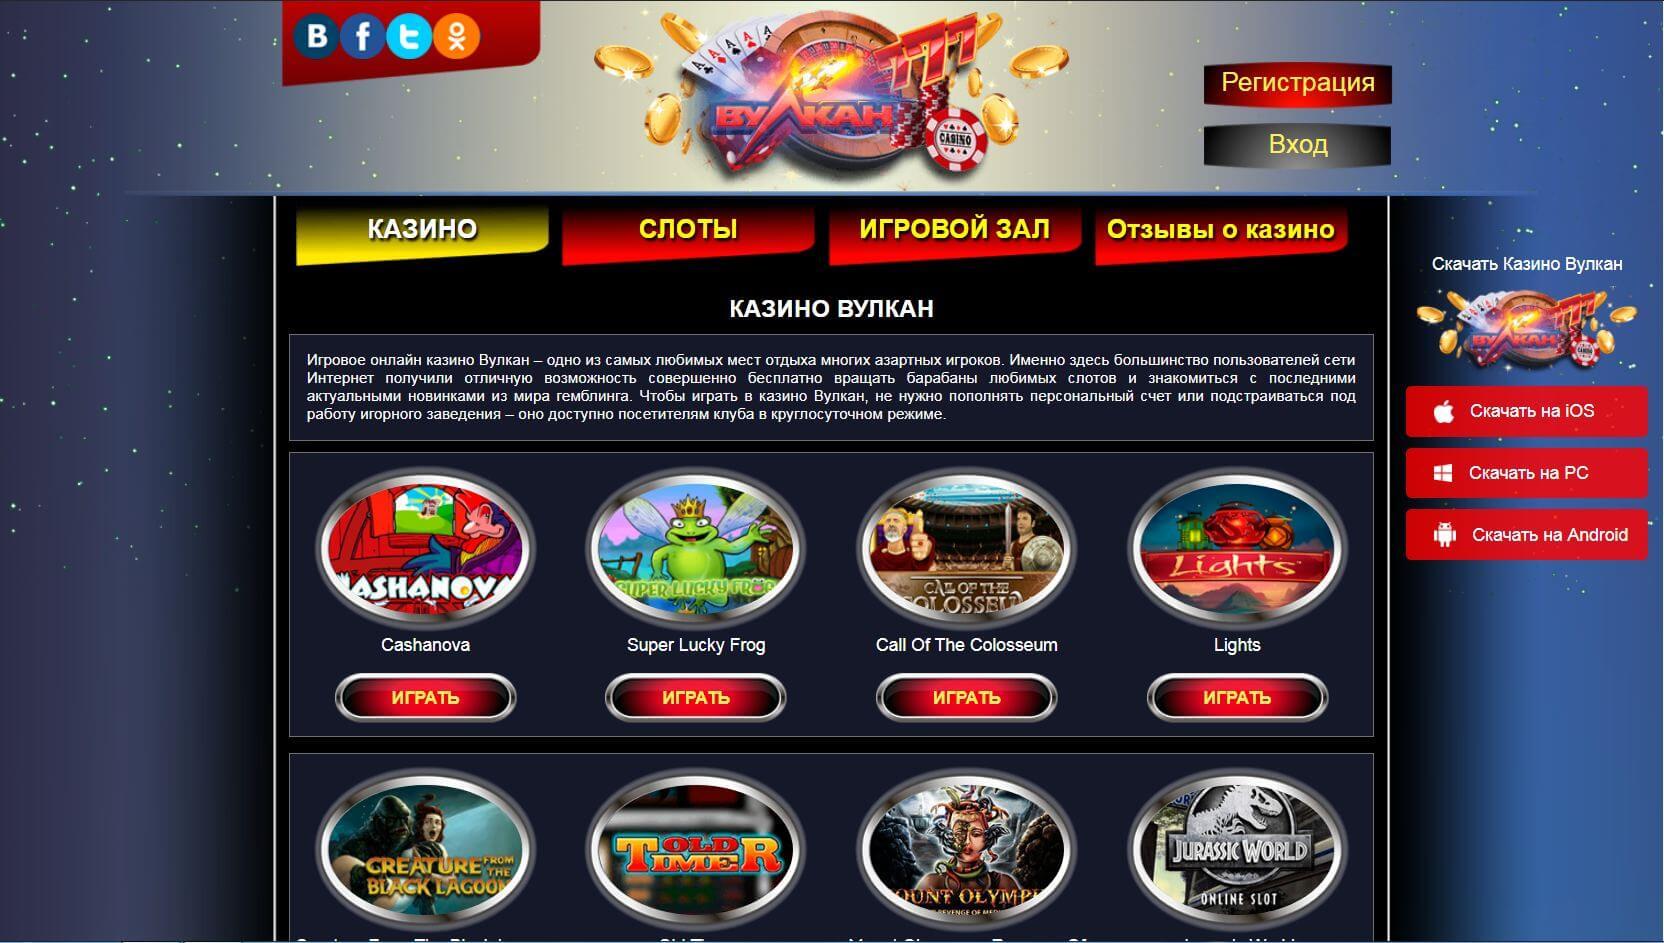 Список казино платящих покер мобильный онлайн скачать бесплатно